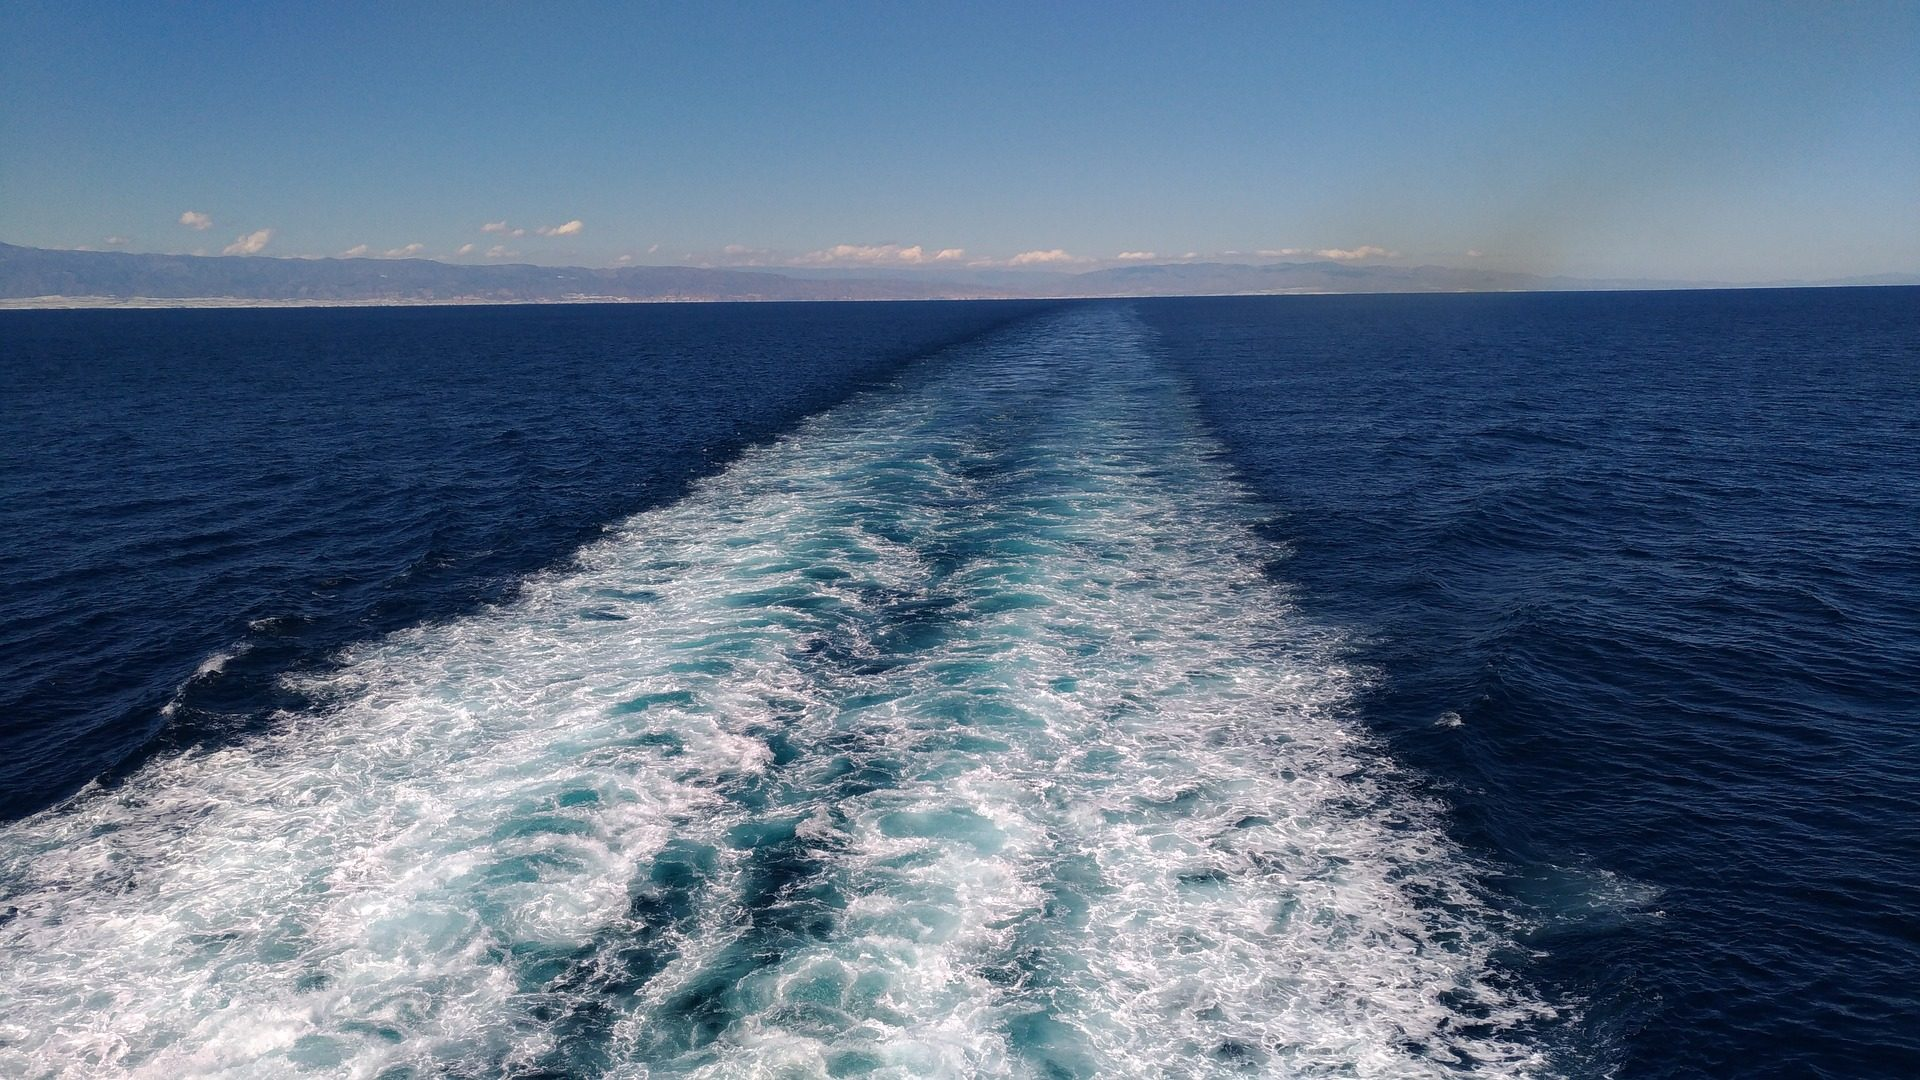 Mer, Océan, eau, Estela, horizon, Maroc - Fonds d'écran HD - Professor-falken.com